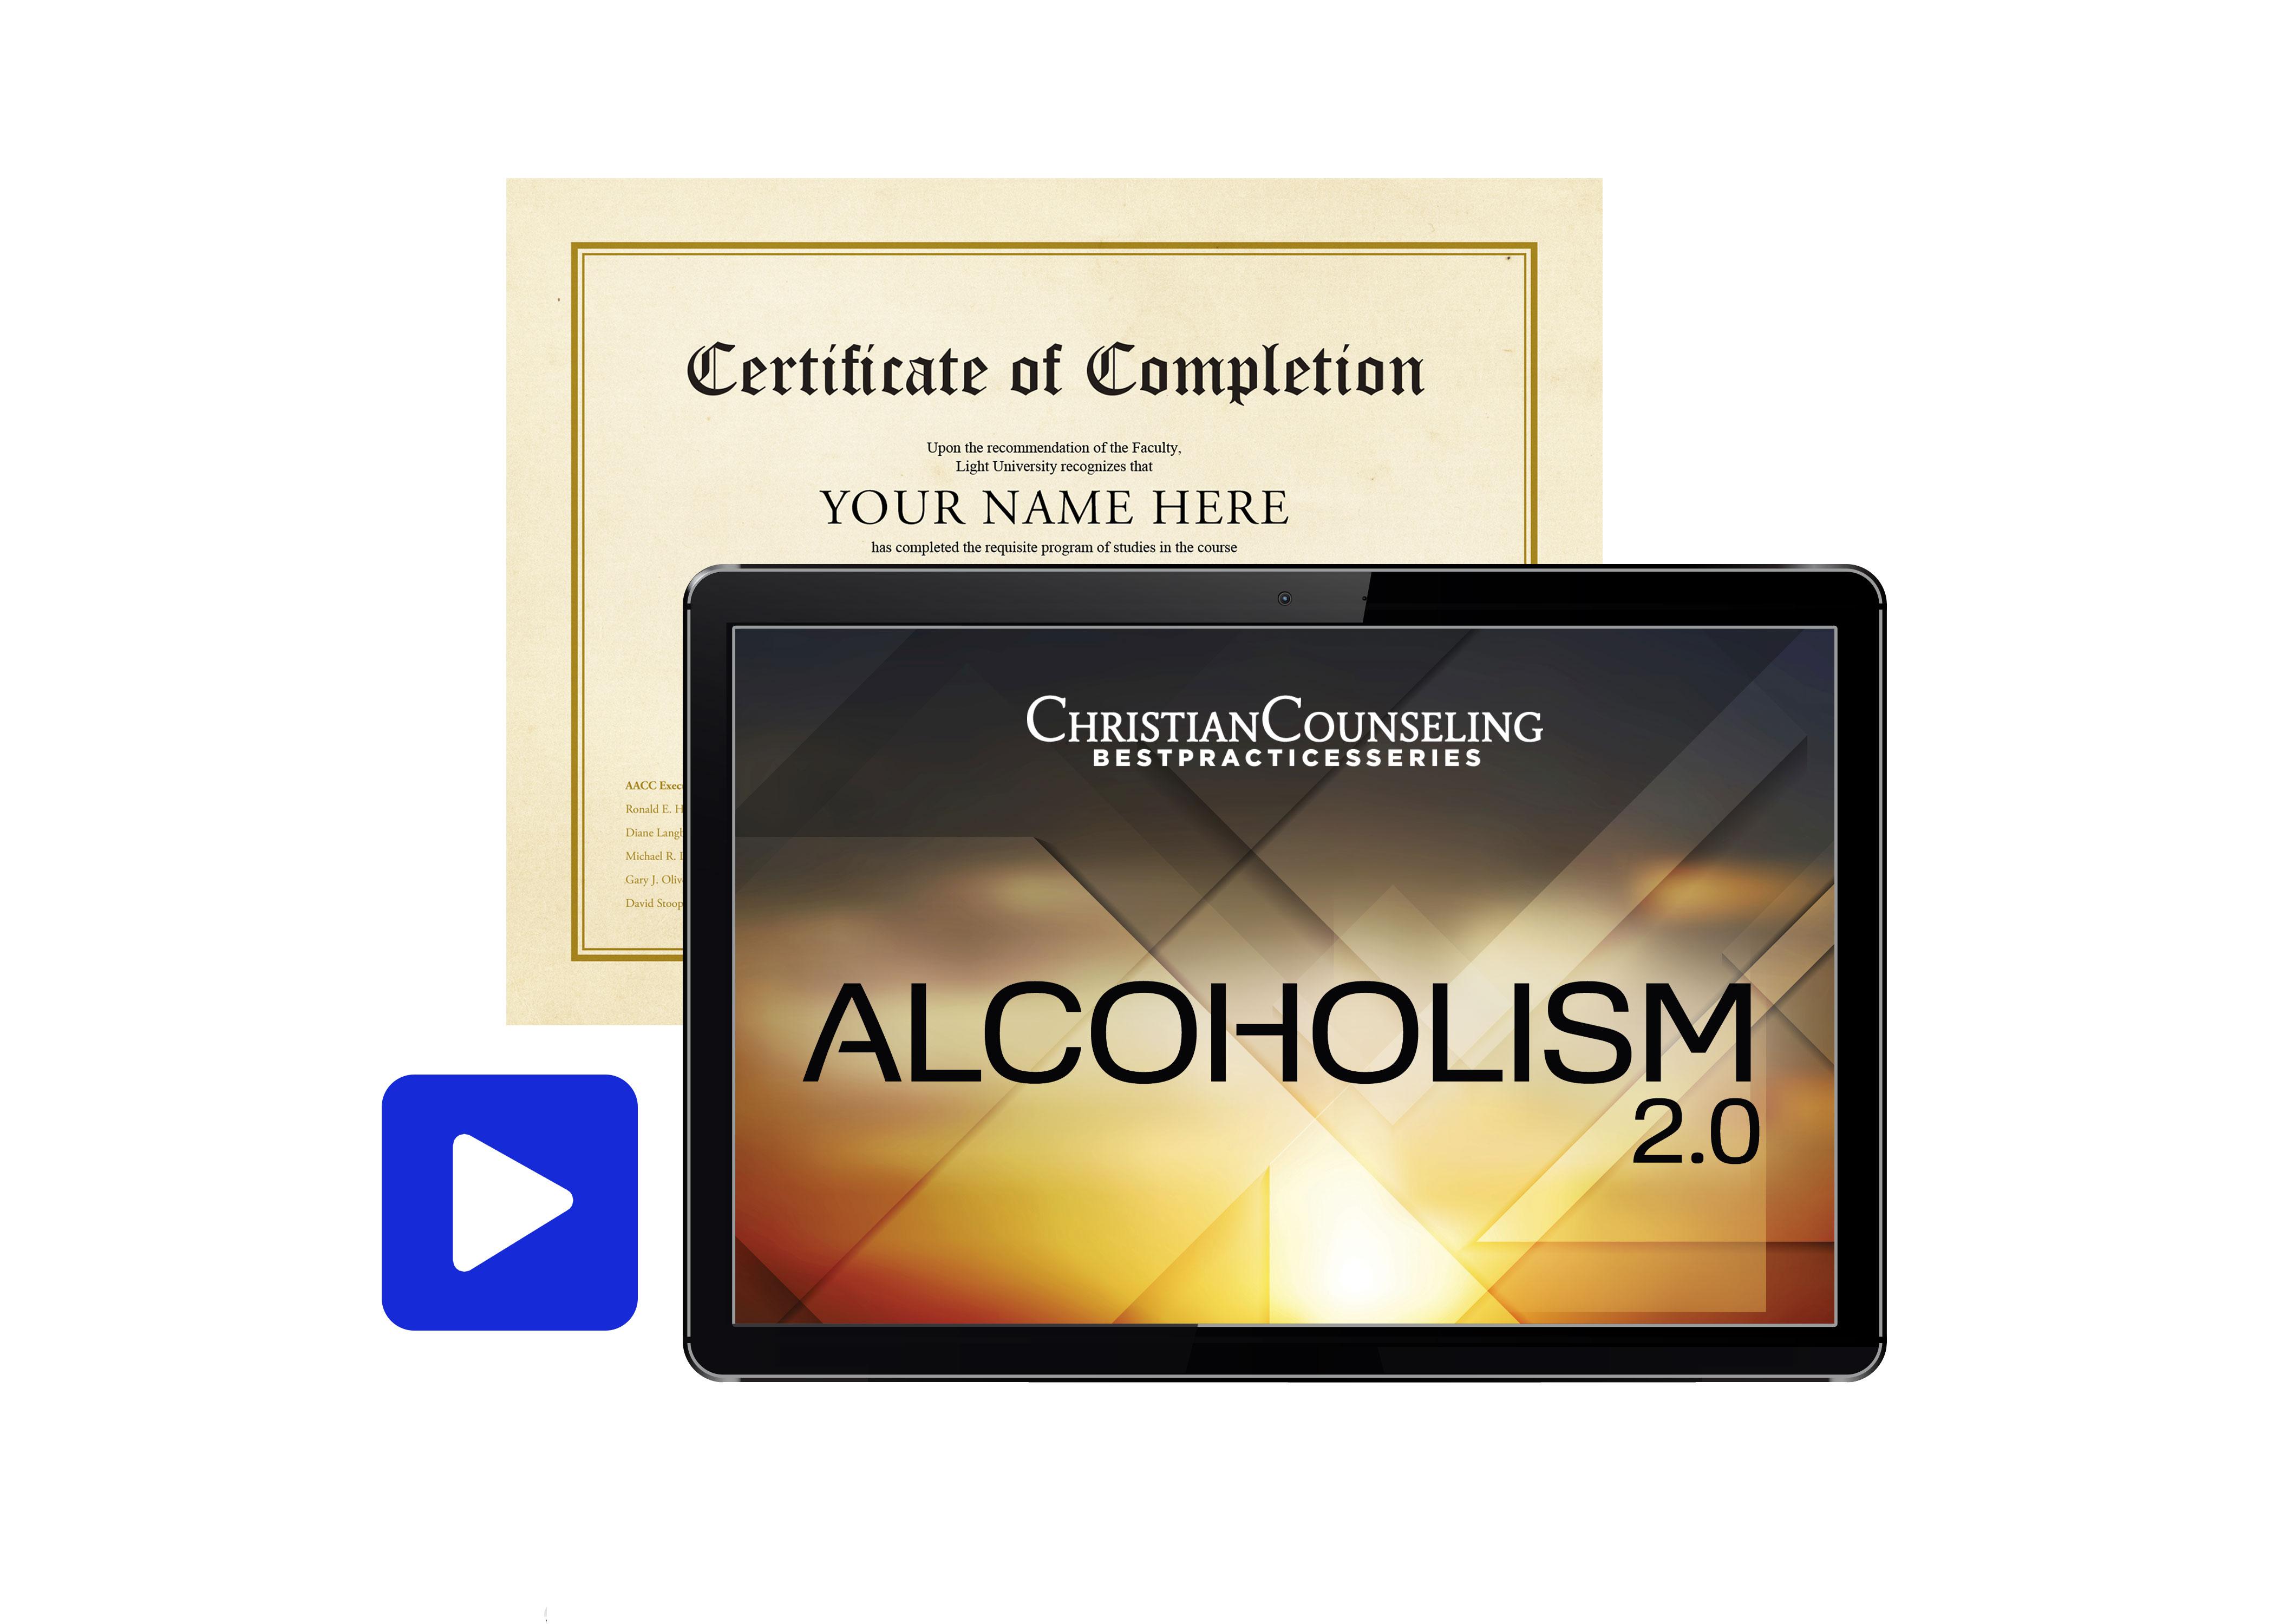 Alcoholism 2.0